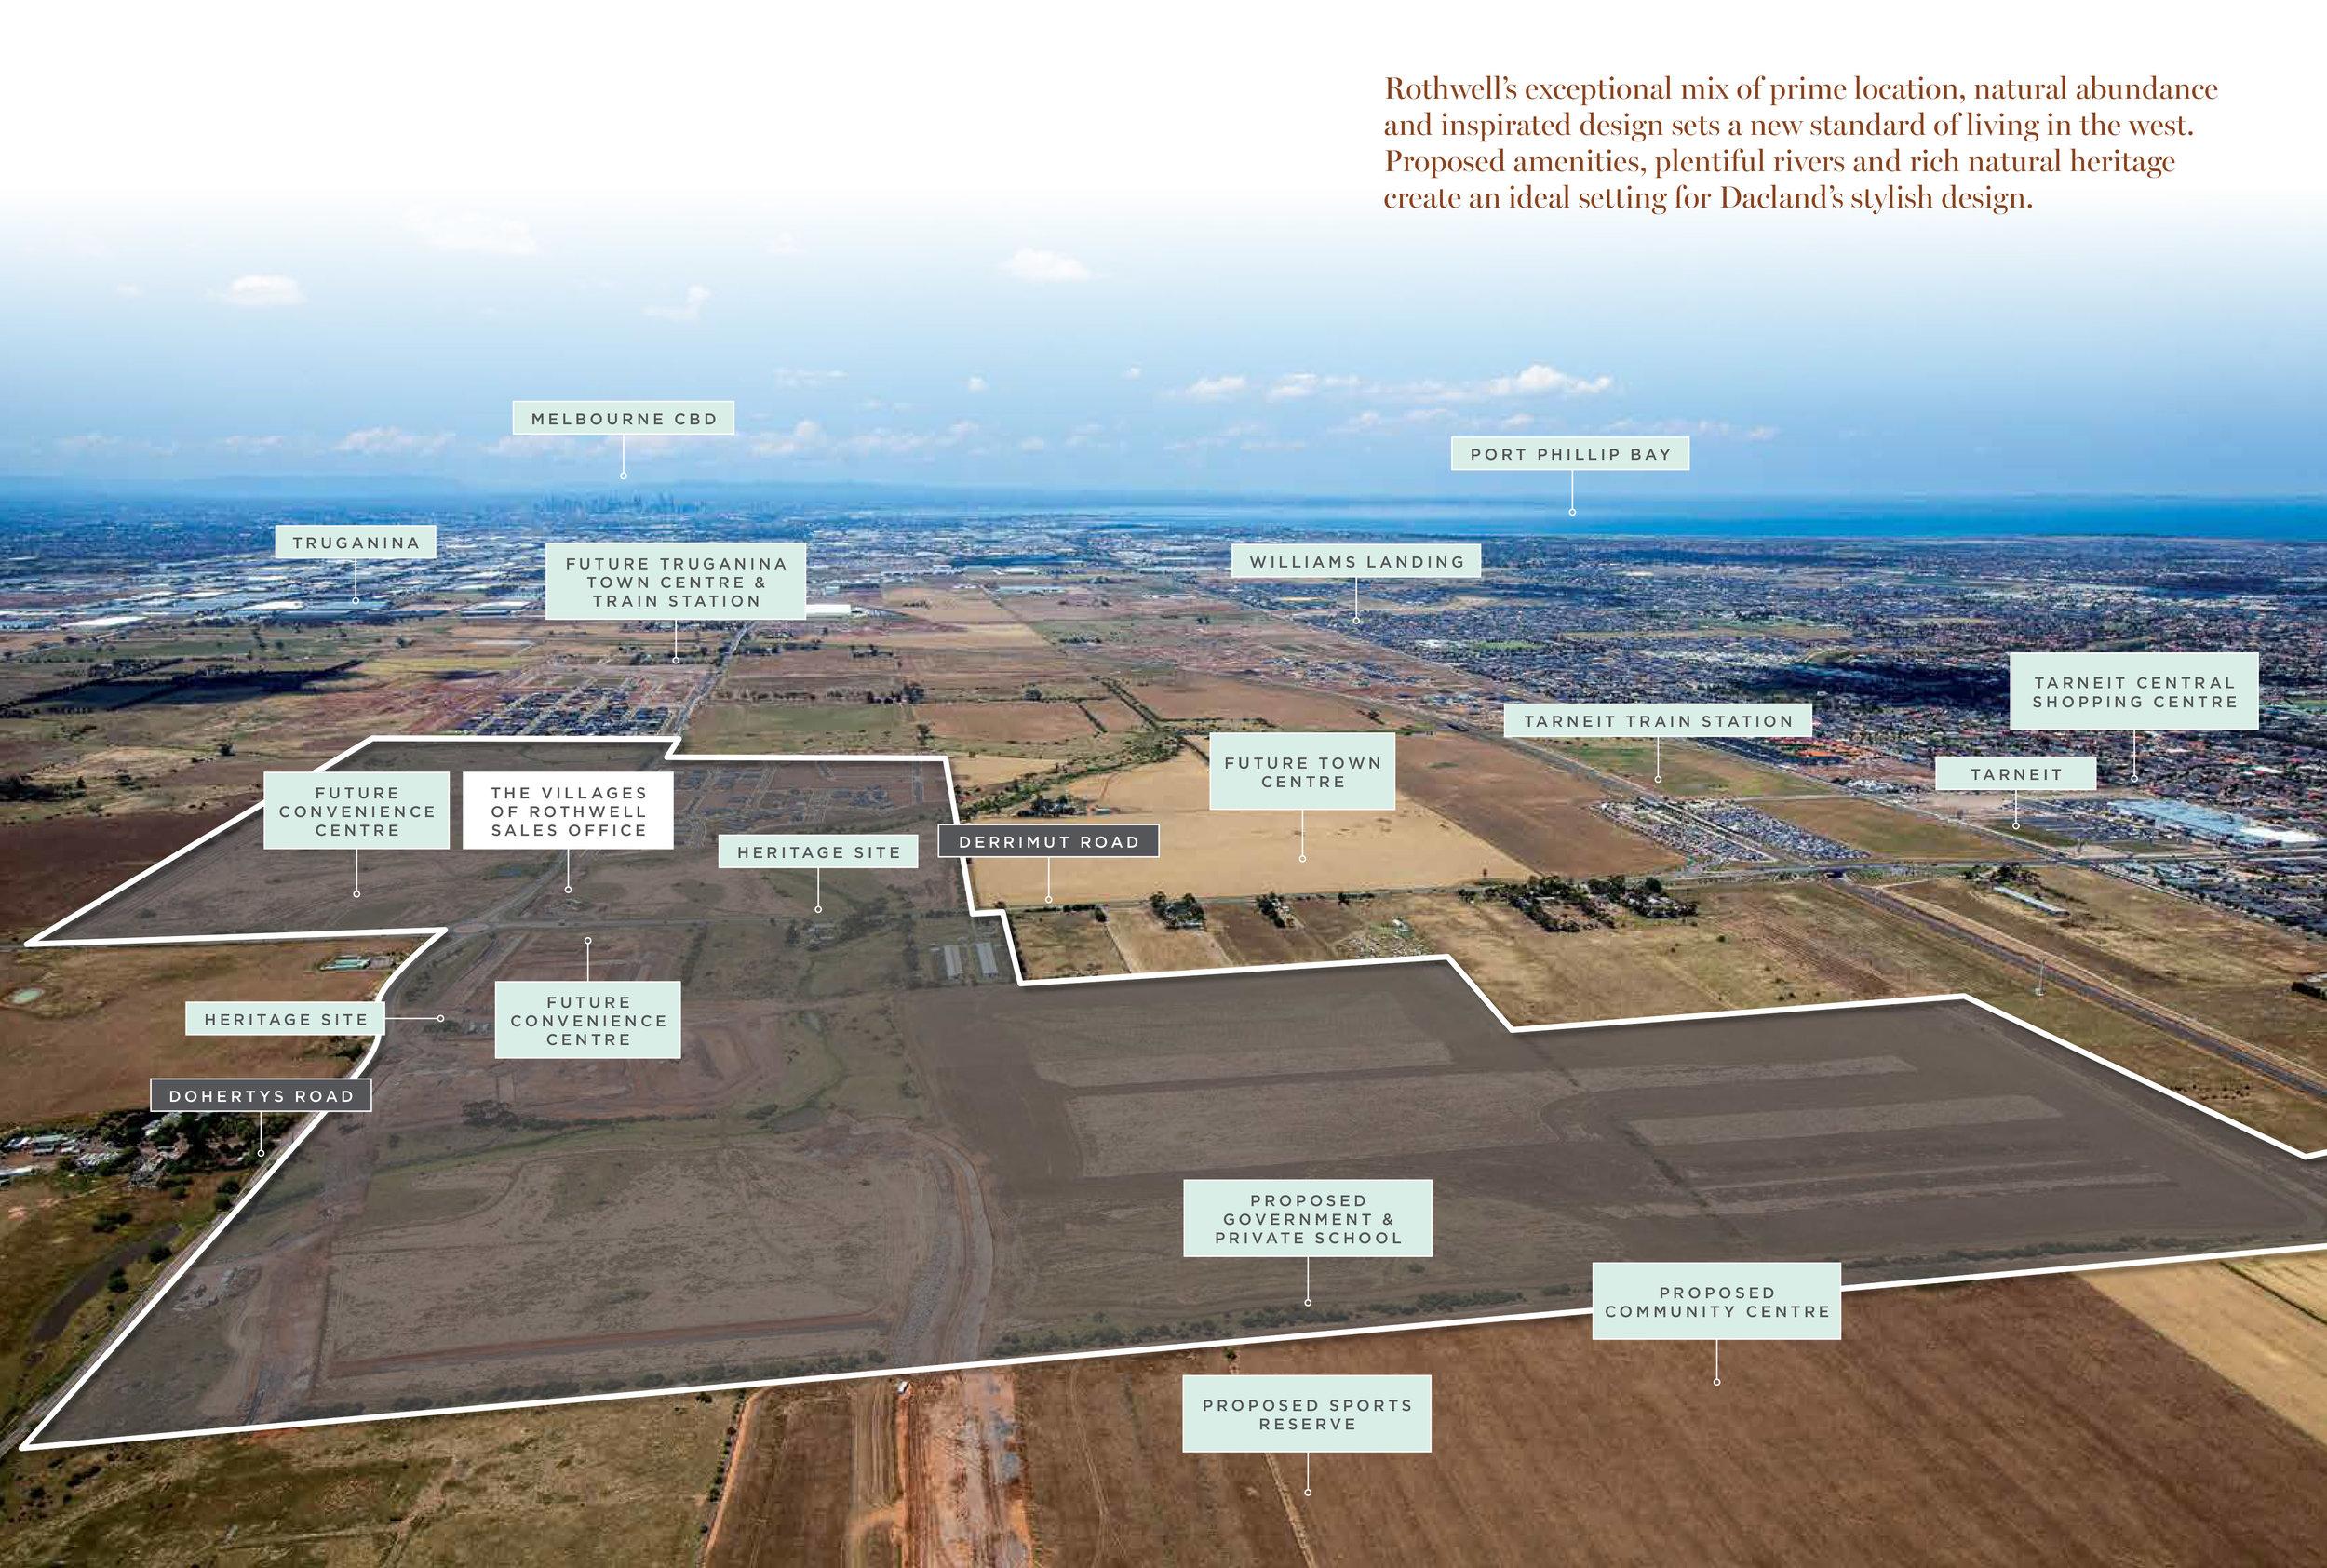 215_155-A Main Brochure Update_ Aerial Image_LR.jpg